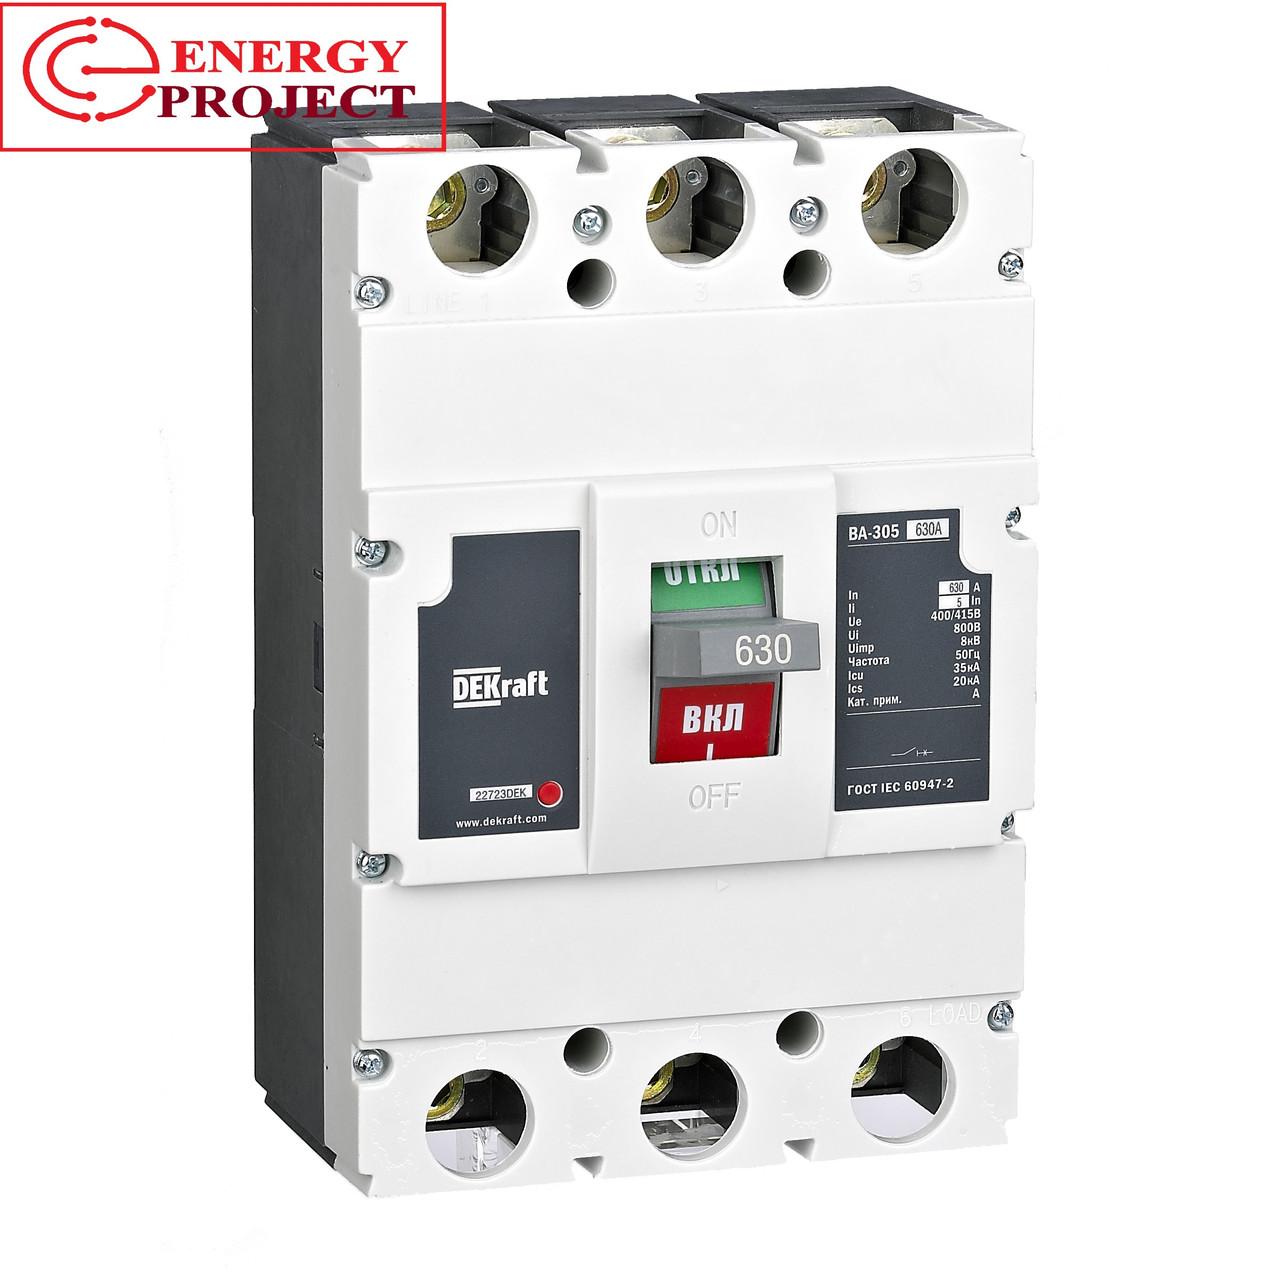 Автоматический выключатель ВА 304 3П 315А Dekfaft